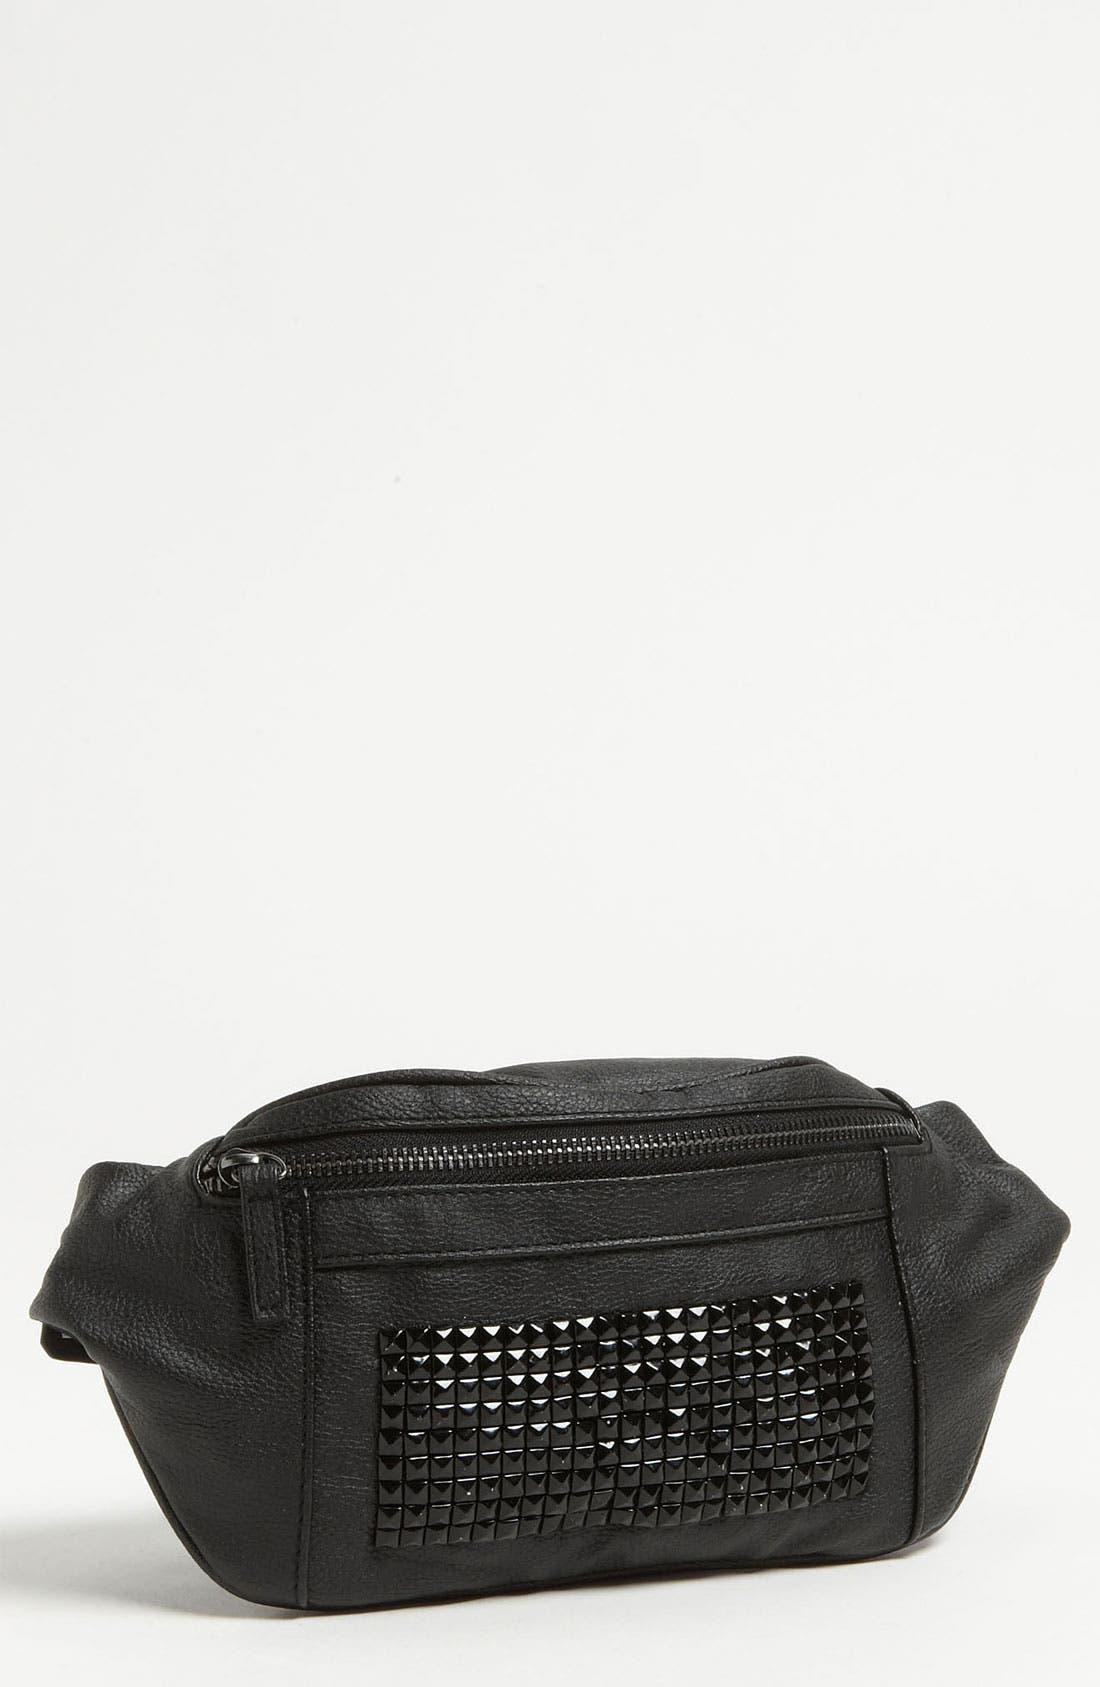 Alternate Image 1 Selected - Topshop Studded Belt Bag